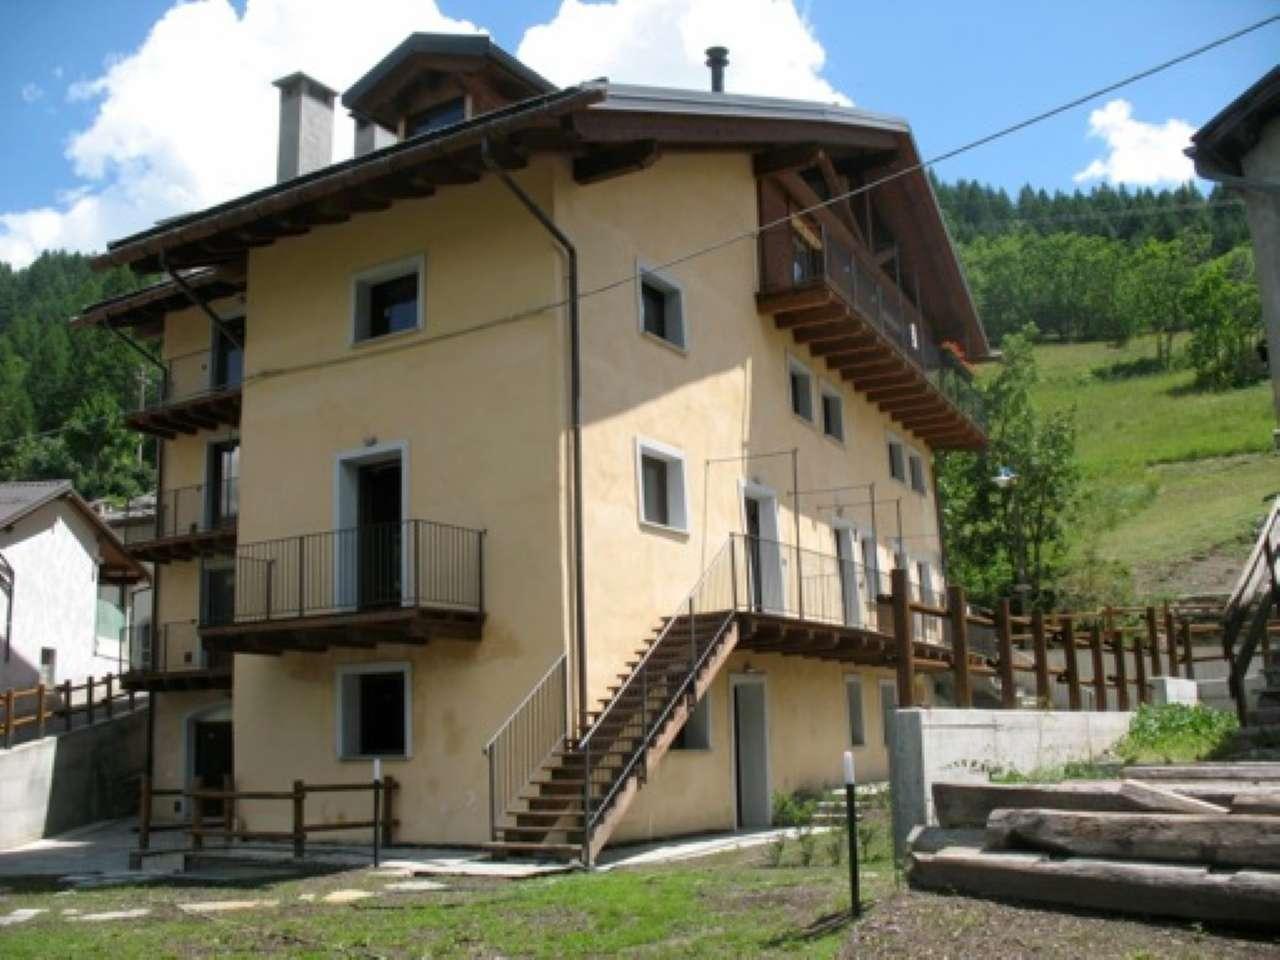 Appartamento in vendita a Cesana Torinese, 2 locali, prezzo € 170.000 | CambioCasa.it